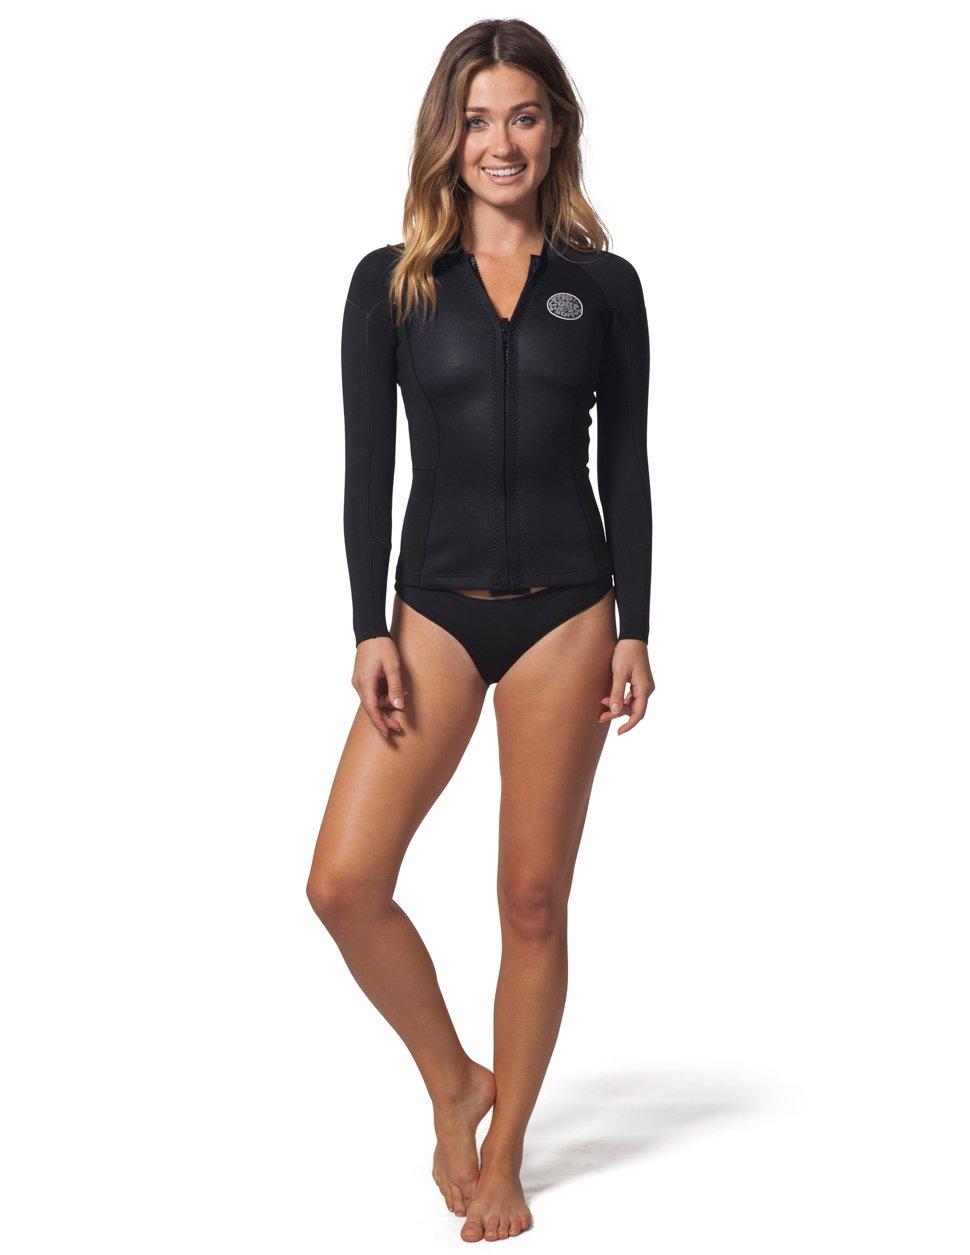 Rip Curl Dawn Patrol Long Sleeve Wet Suit Jacket, 10, Black by Rip Curl